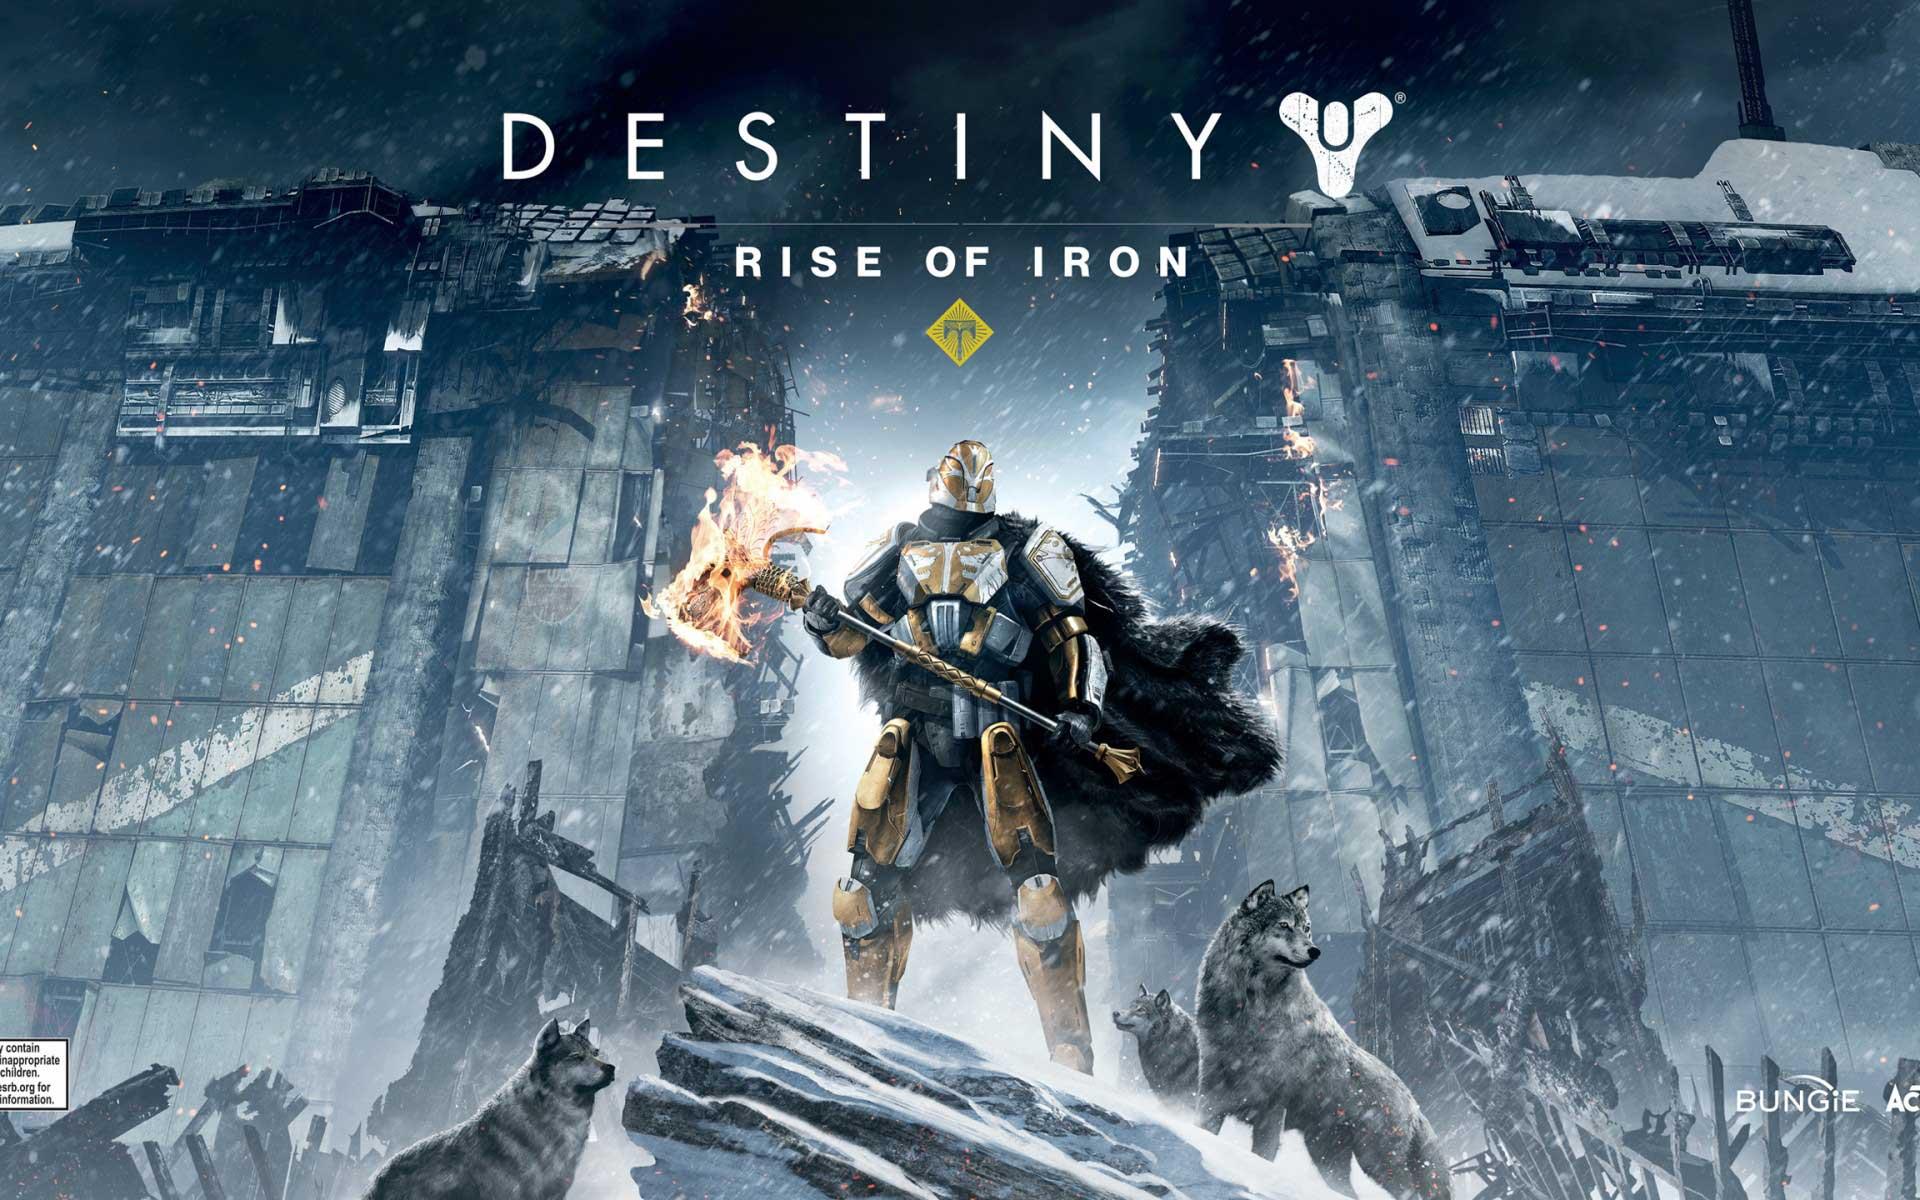 Destiny Rise Of Iron Wallpaper Download Free Stunning: Papel De Parede Grátis Para PC E